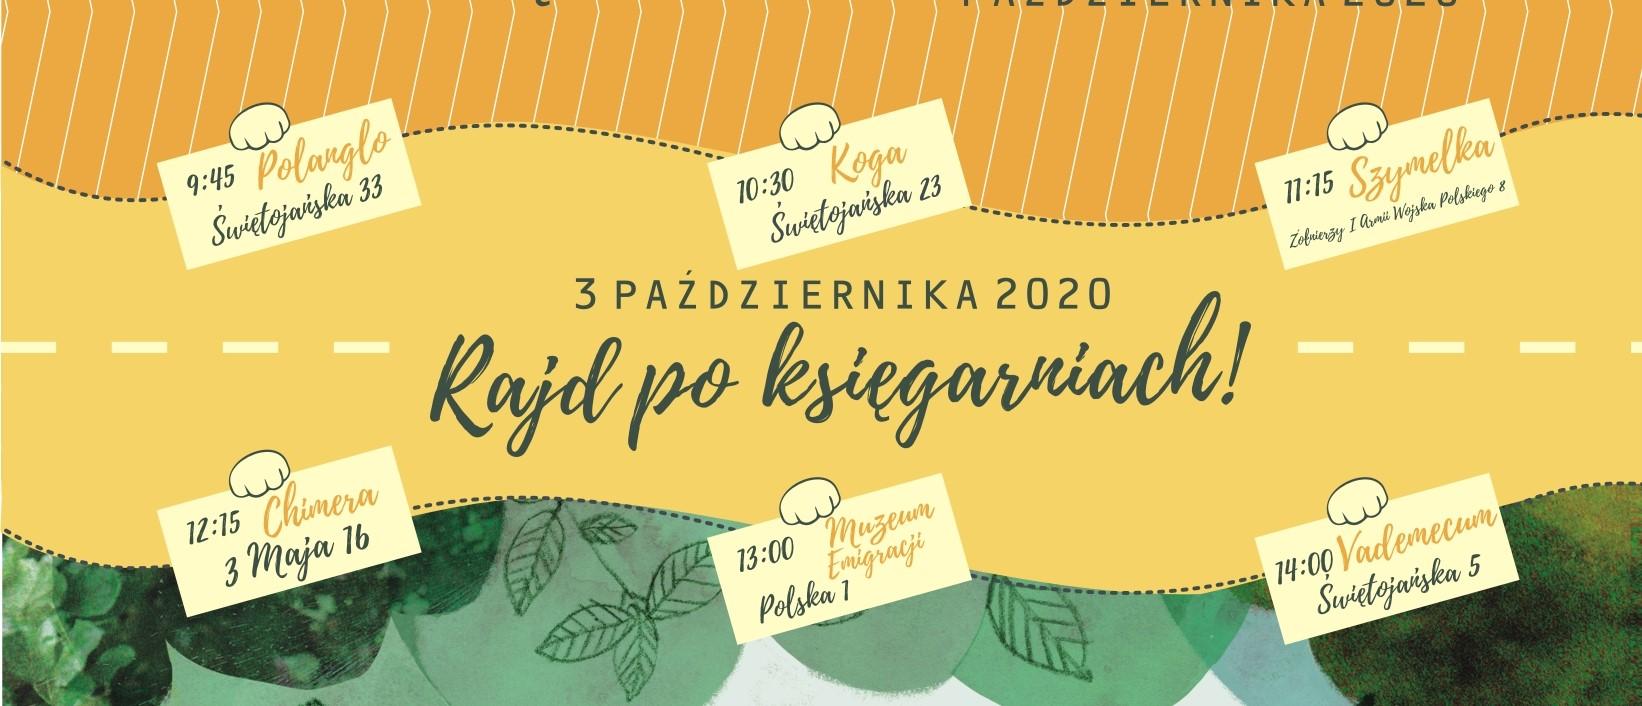 Plakat: Rajd po księgarniach, 3 października 2020. Cafe Księgarnia Vademecum, Chimera, Szymelka, Koga, PolAnglo i księgarnia w Muzeum Emigracji. Mat. GR